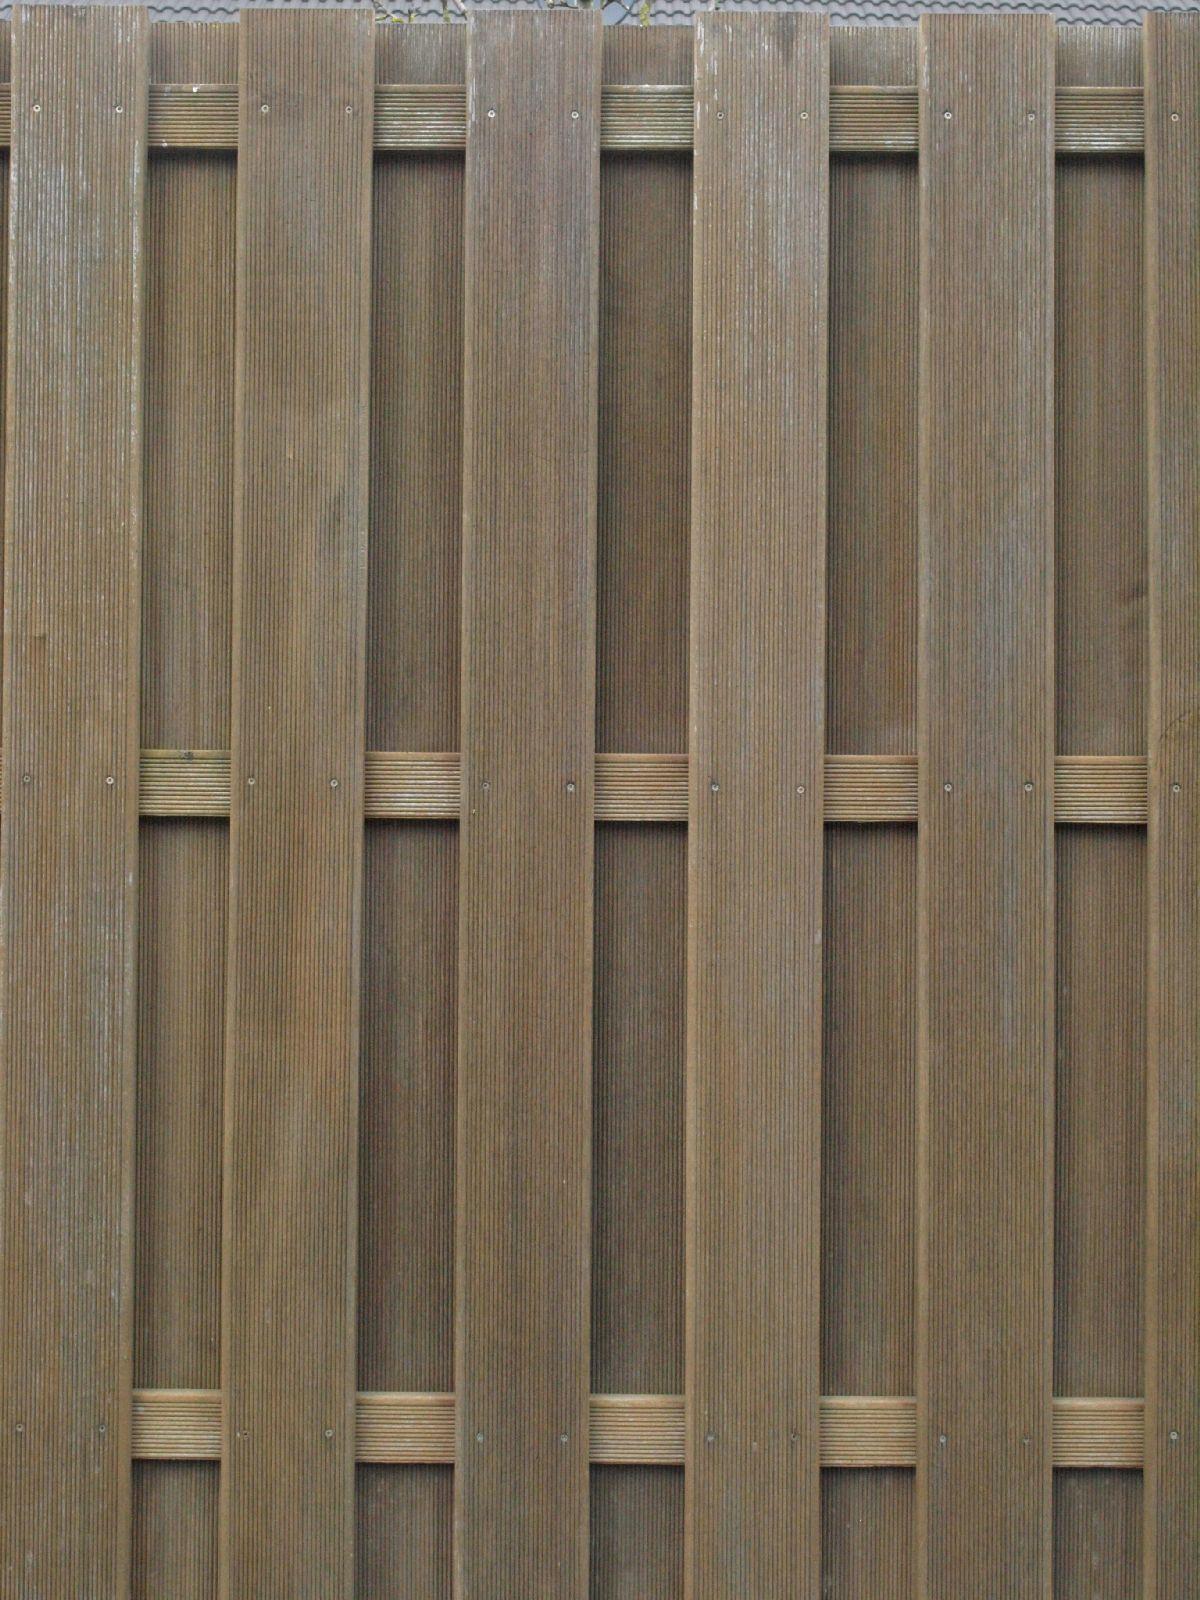 Holz_Textur_A_P3151345